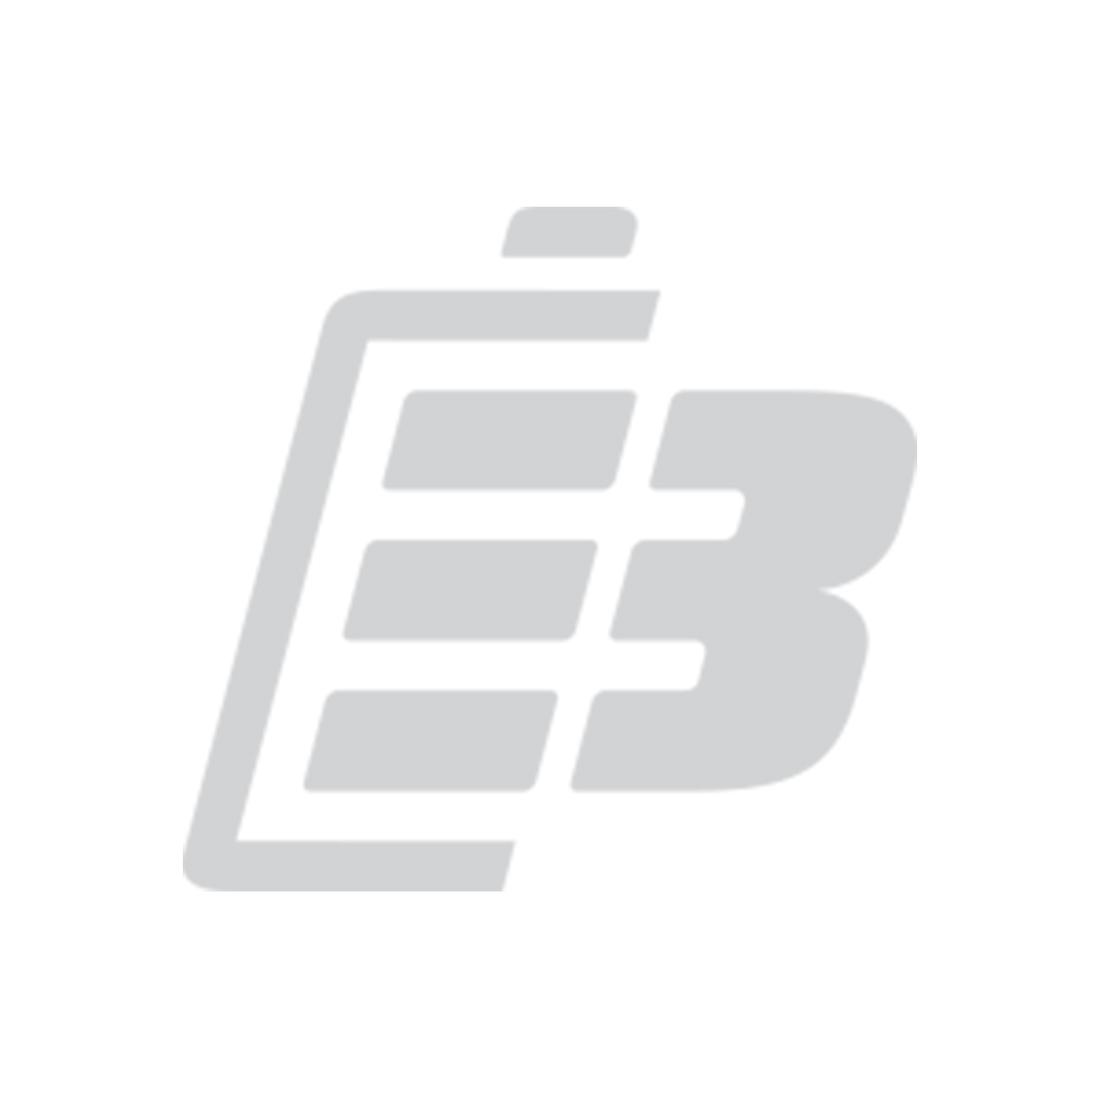 Ecobat Lead Acid Battery 6V 4.5Ah_1